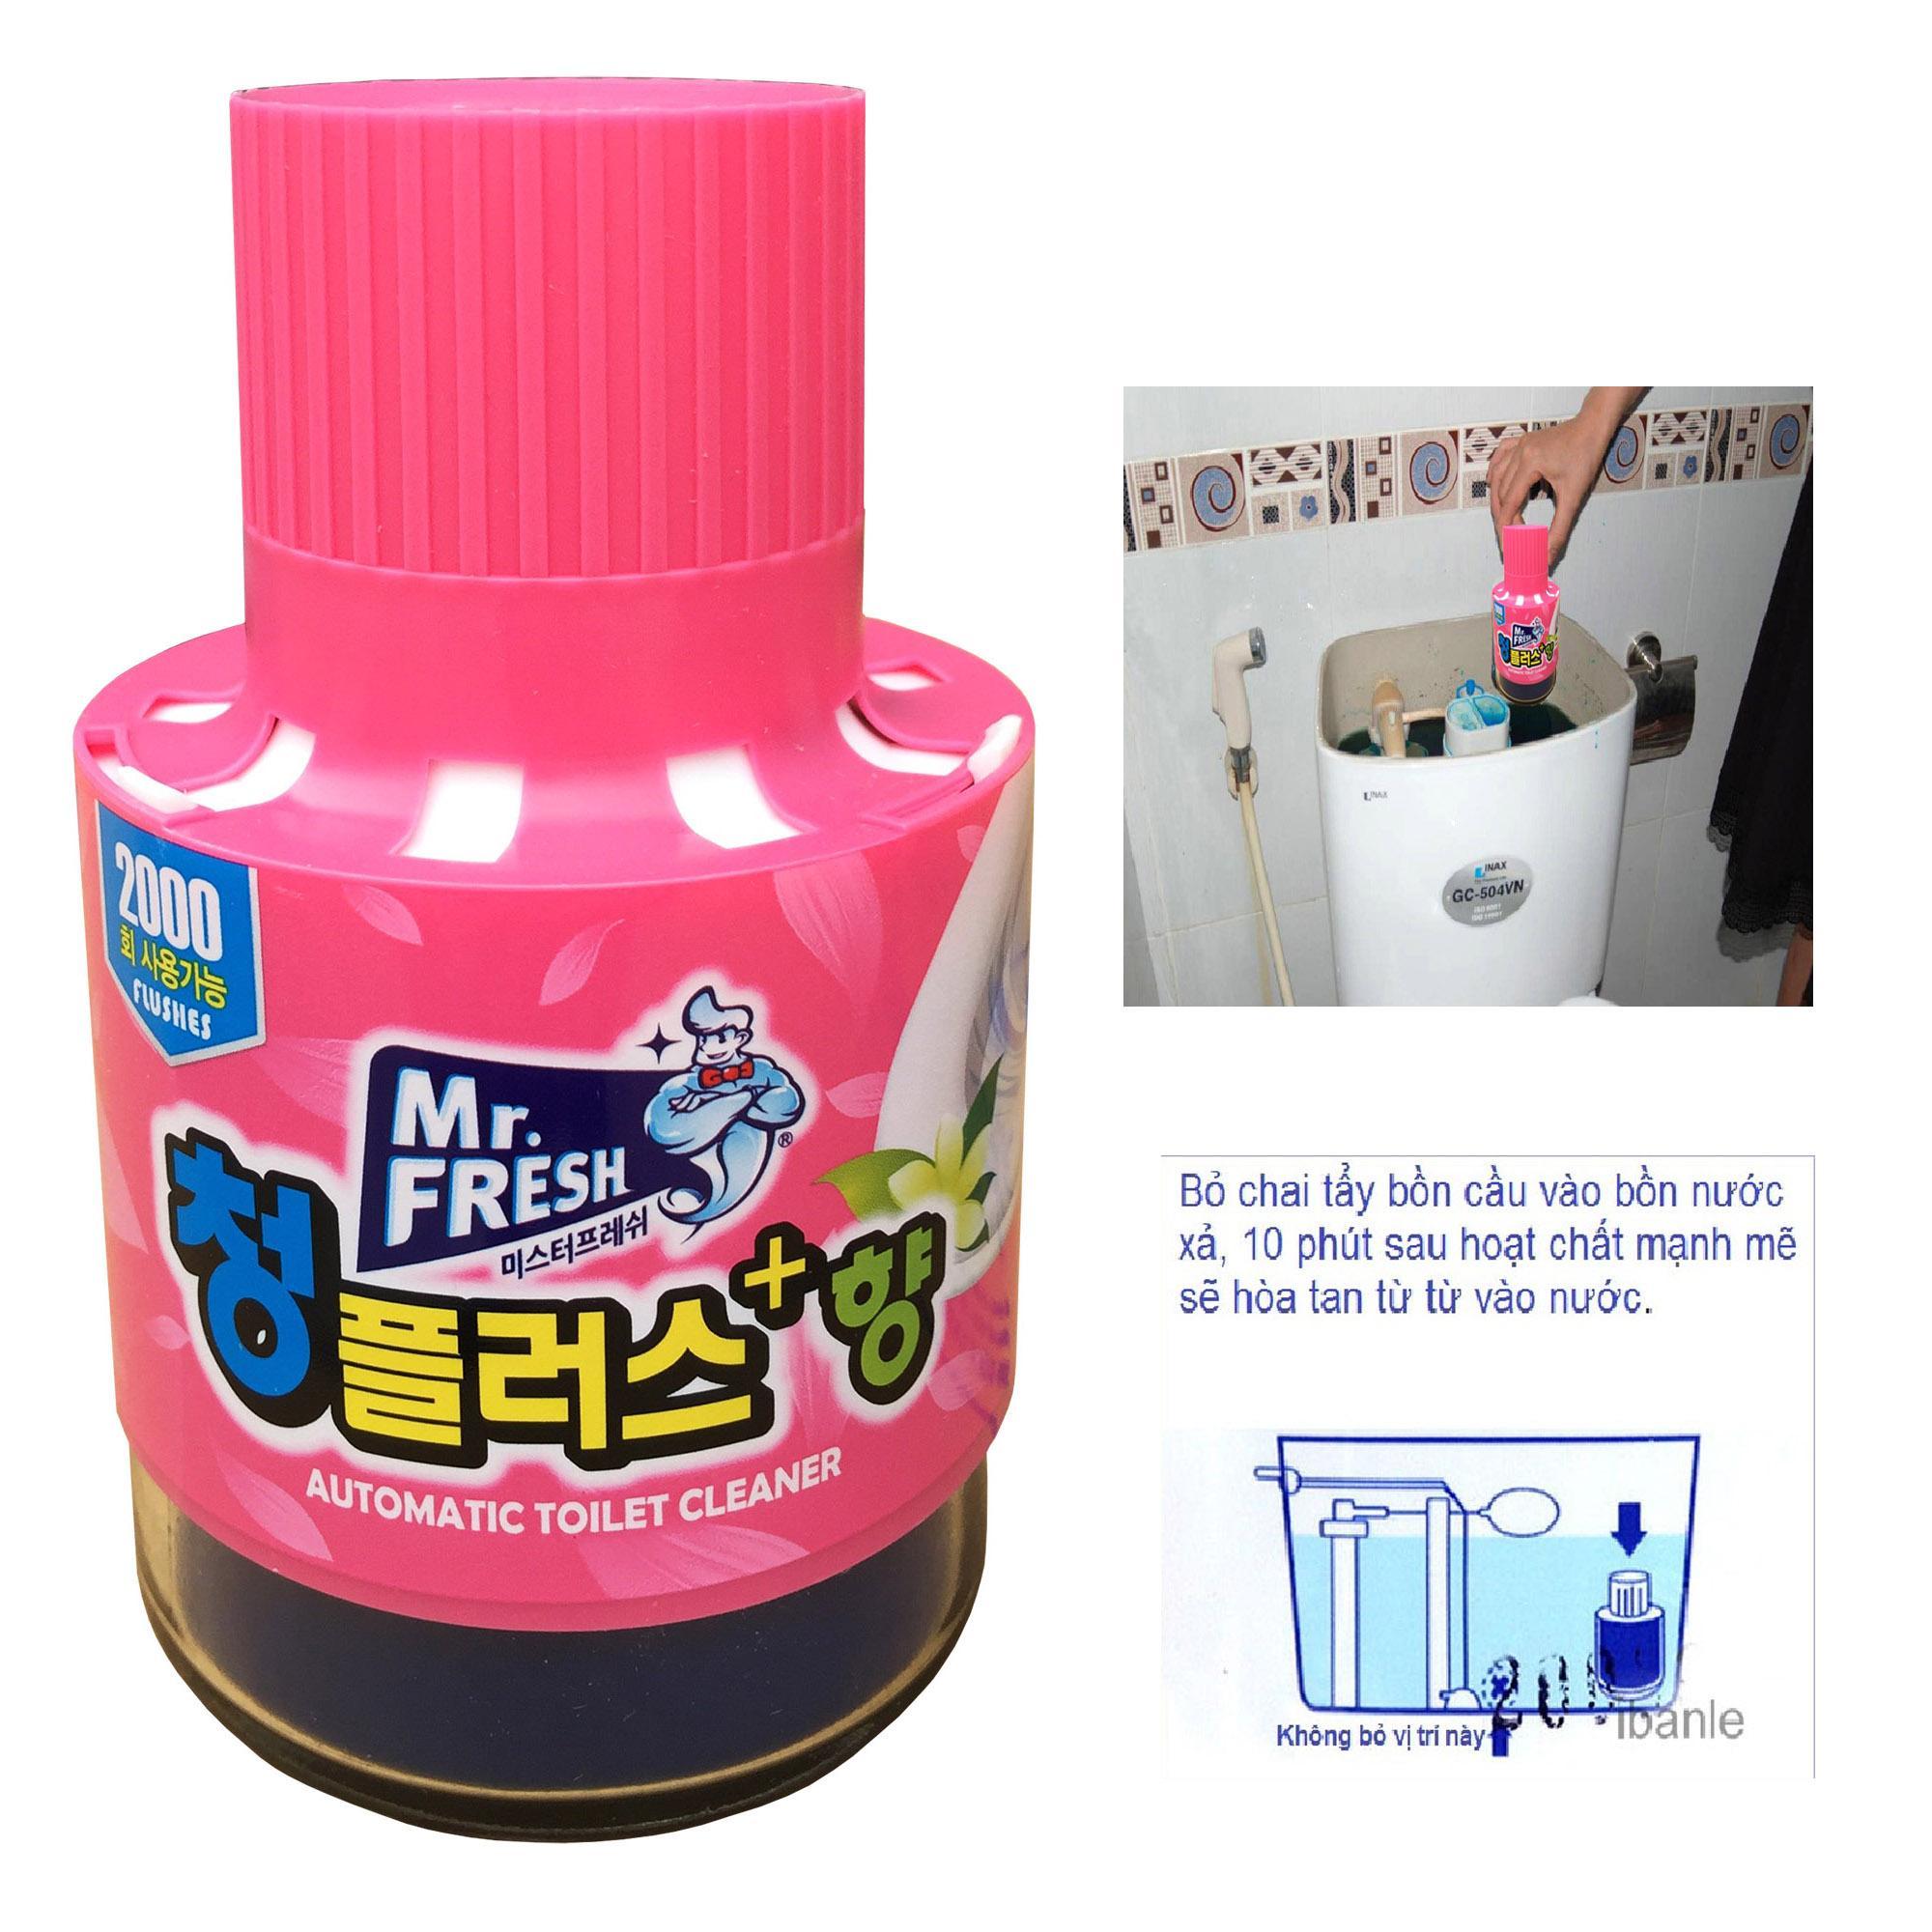 Hình ảnh Chai thả bồn cầu tự động làm sạch diệt khuẩn và làm thơm Mr.Fresh Hương Ly TI872